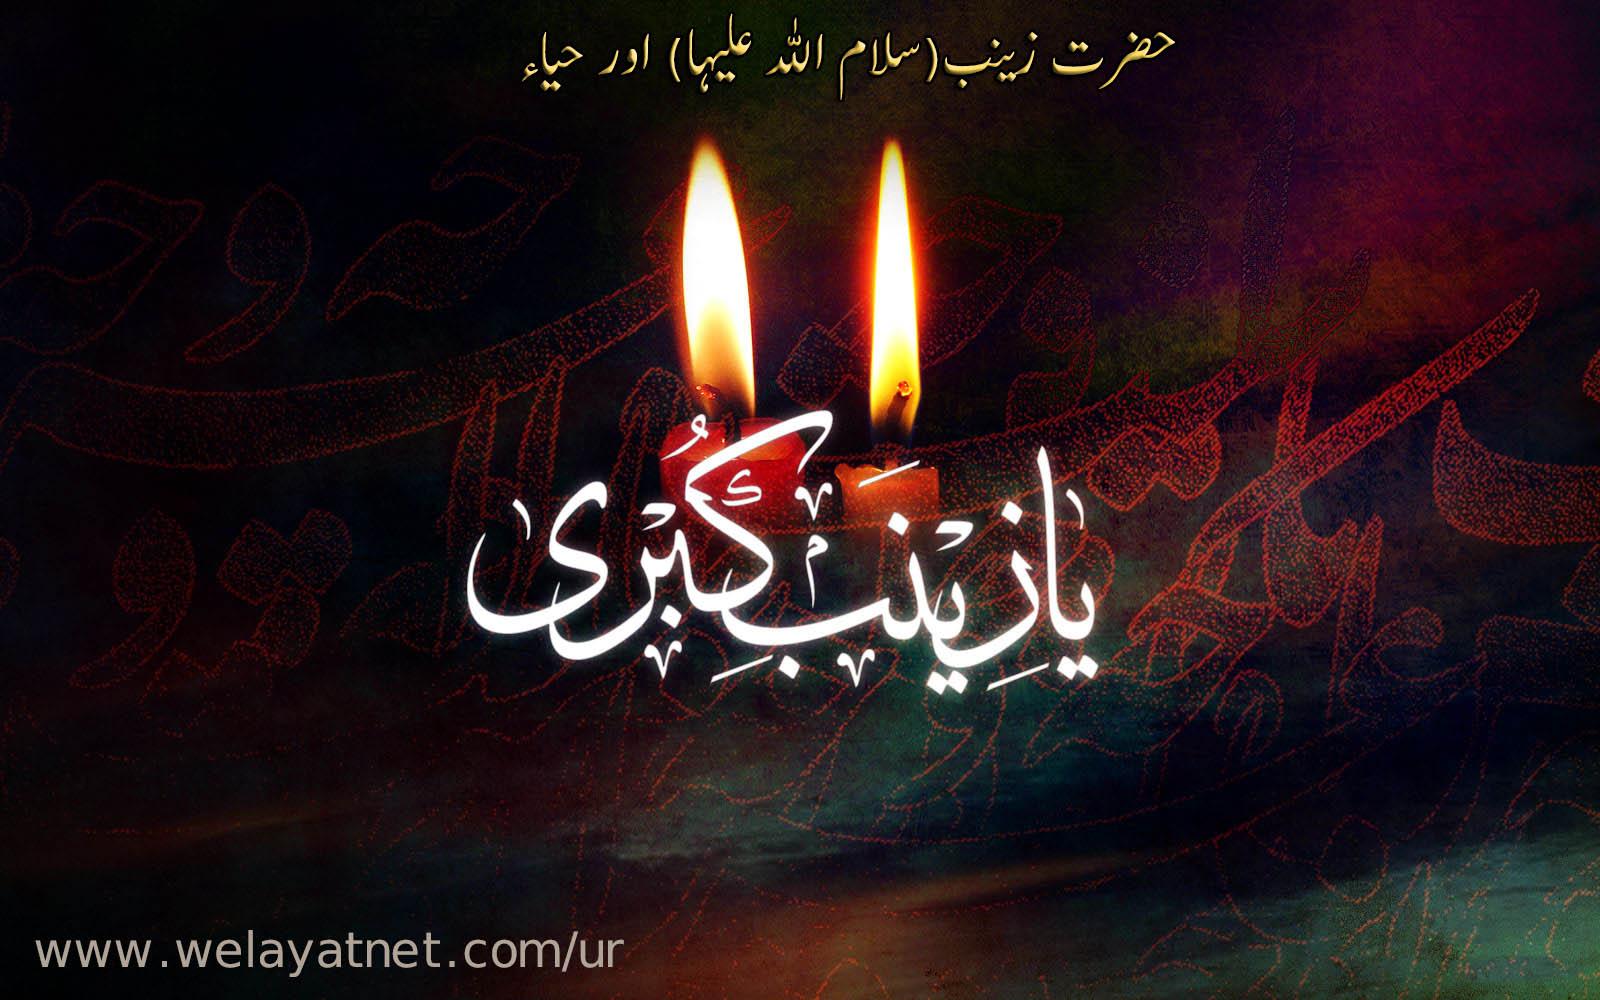 حضرت زینب(سلام اللہ علیہا) اور حیاء